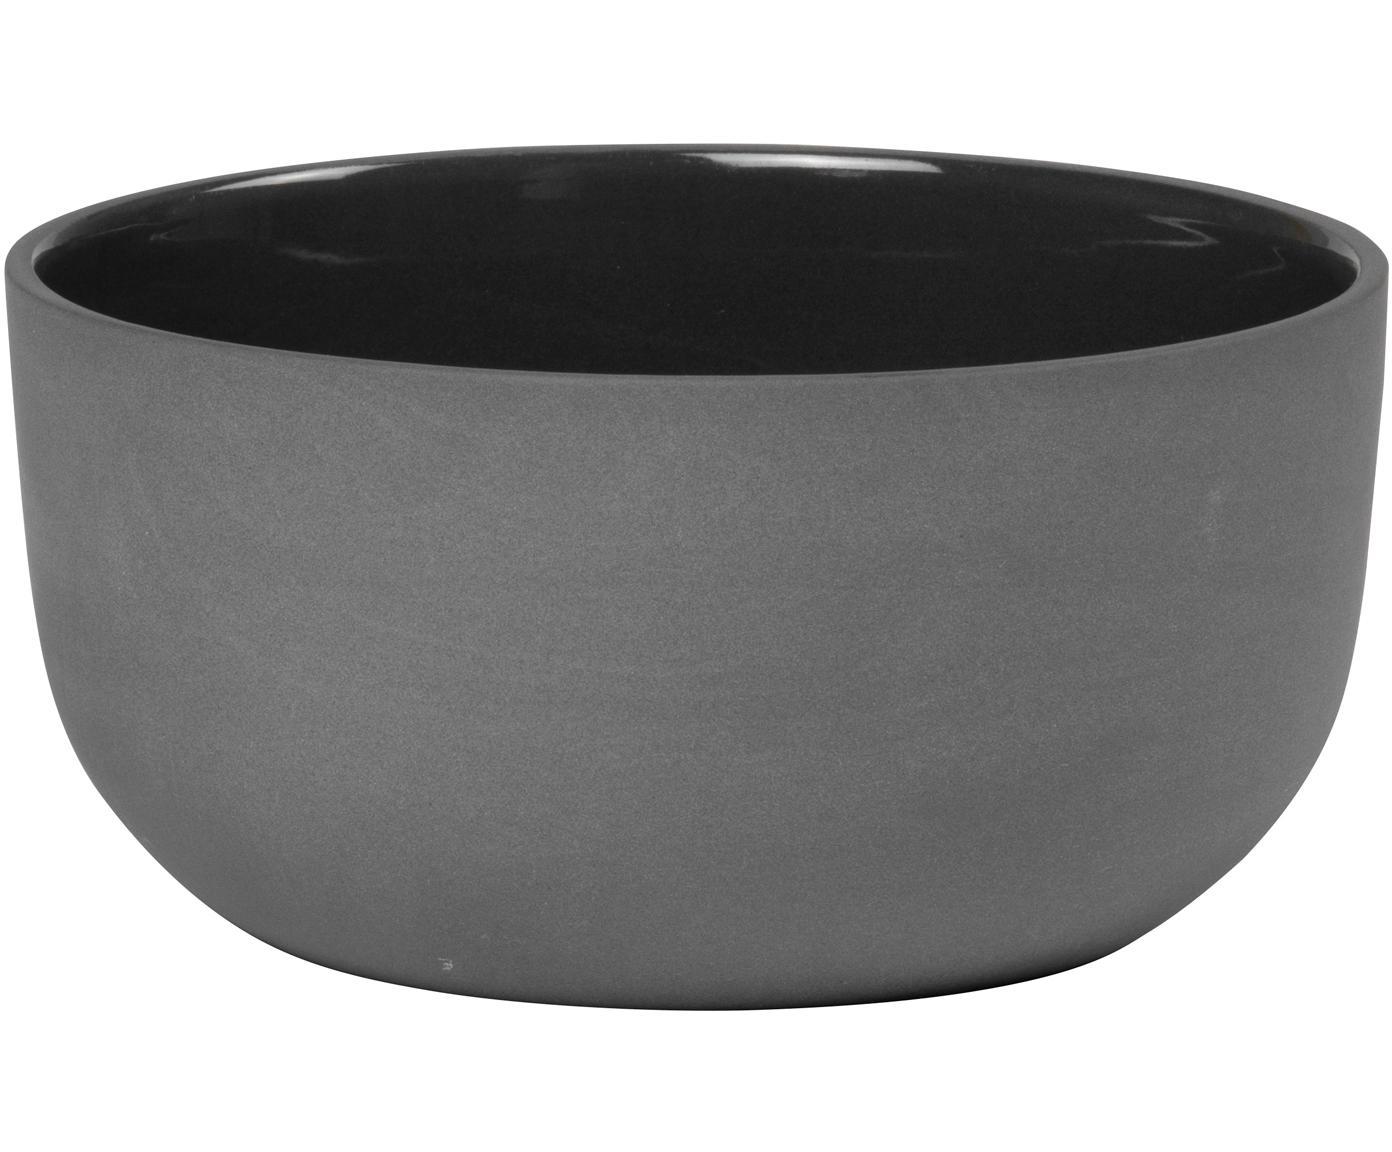 Schälchen Nudge in Dunkelgrau matt/glänzend, 4 Stück, Porzellan, Dunkelgrau, Ø 14 cm